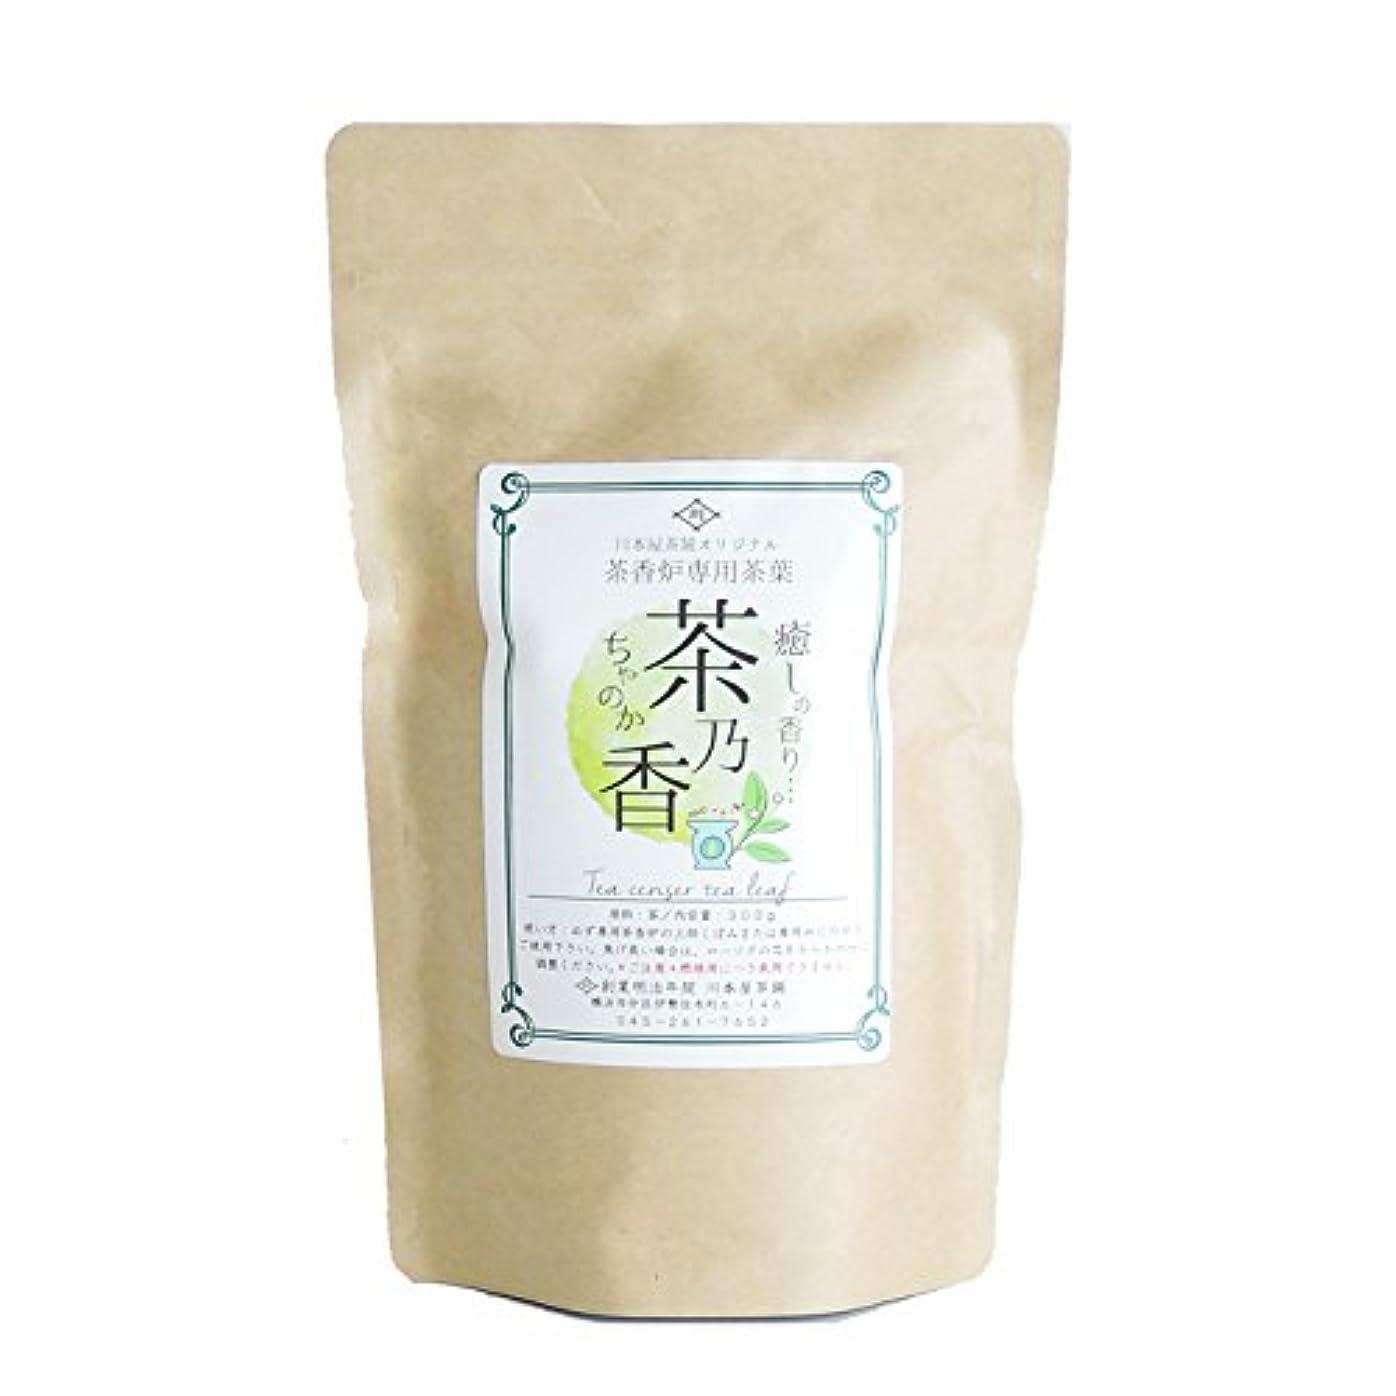 叱る人物おとなしい国産 茶香炉専用 茶葉 「茶乃香」300g 川本屋茶舗